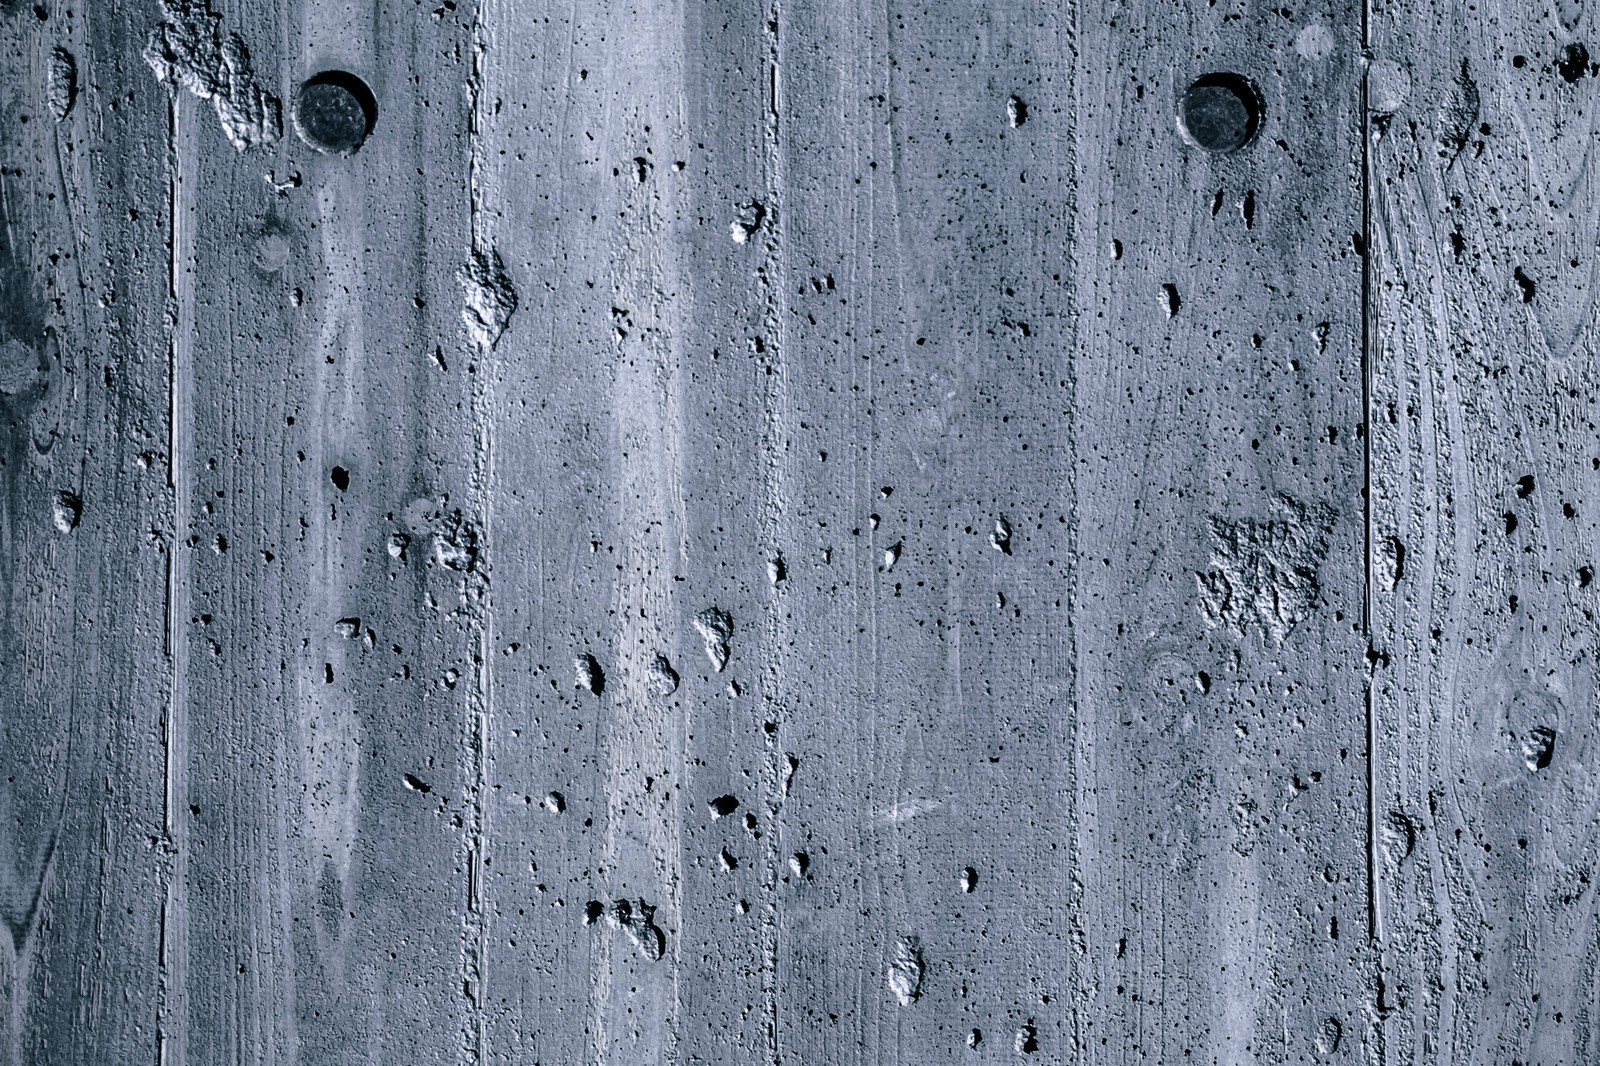 「傷が目立つ木目の壁(テクスチャー)」の写真